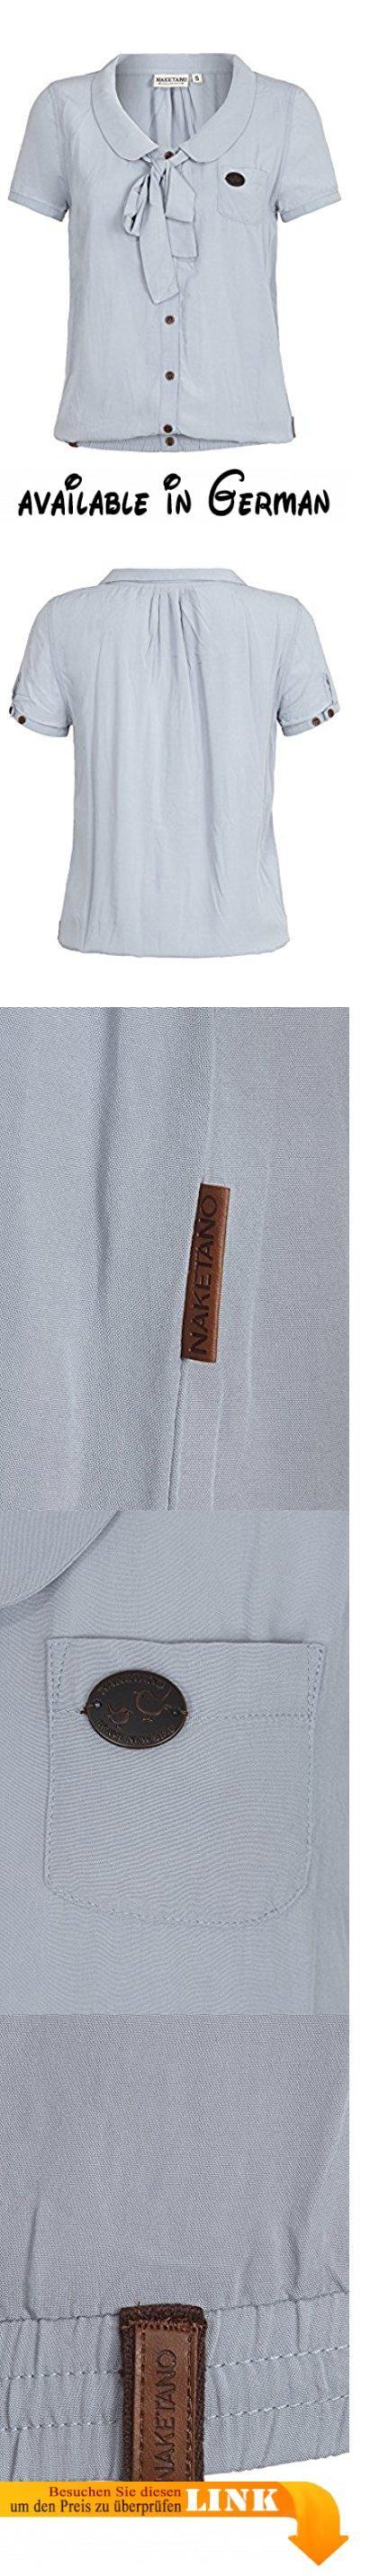 Damen T-Shirt Naketano Kurz Kacken III T-Shirt. Bluse mit Gummibündchen und allover Druck. 100% Viskose. Maschinenwäsche bei 30°C, nicht Trockner geeignet, nicht bügeln, nicht chemisch Reinigen #Apparel #SHIRT